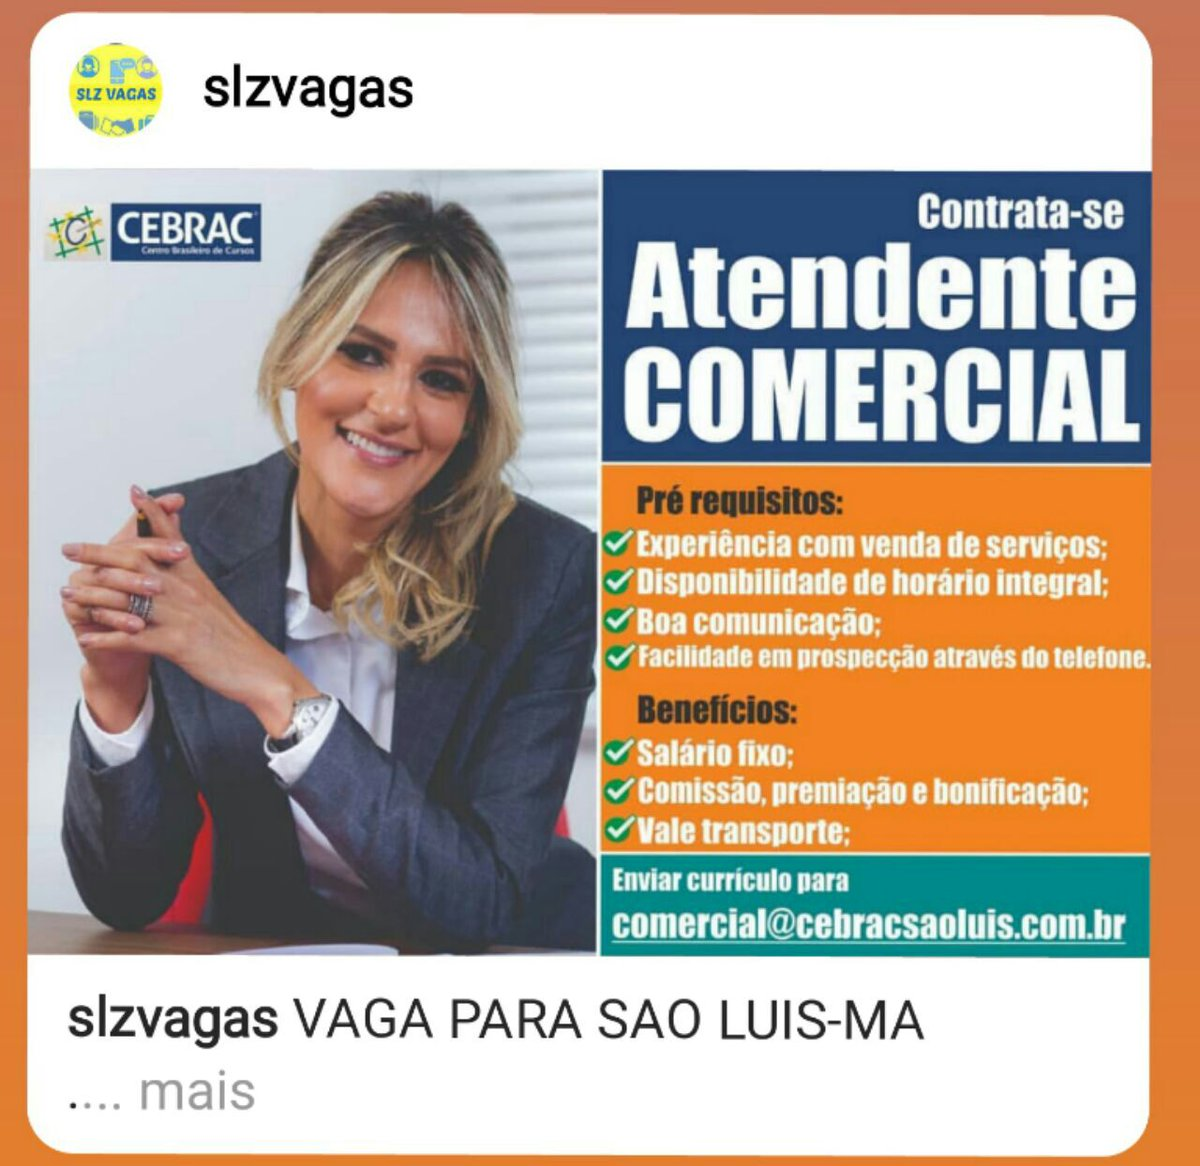 #viaindica #brasil #saoluis #maranhao #indicaçao #lojas #servicos #dicas #cursos #instagram #currículo #slzvagas #compartilhar #currículo #cv #resume #dica #carreira #desenvolvimento